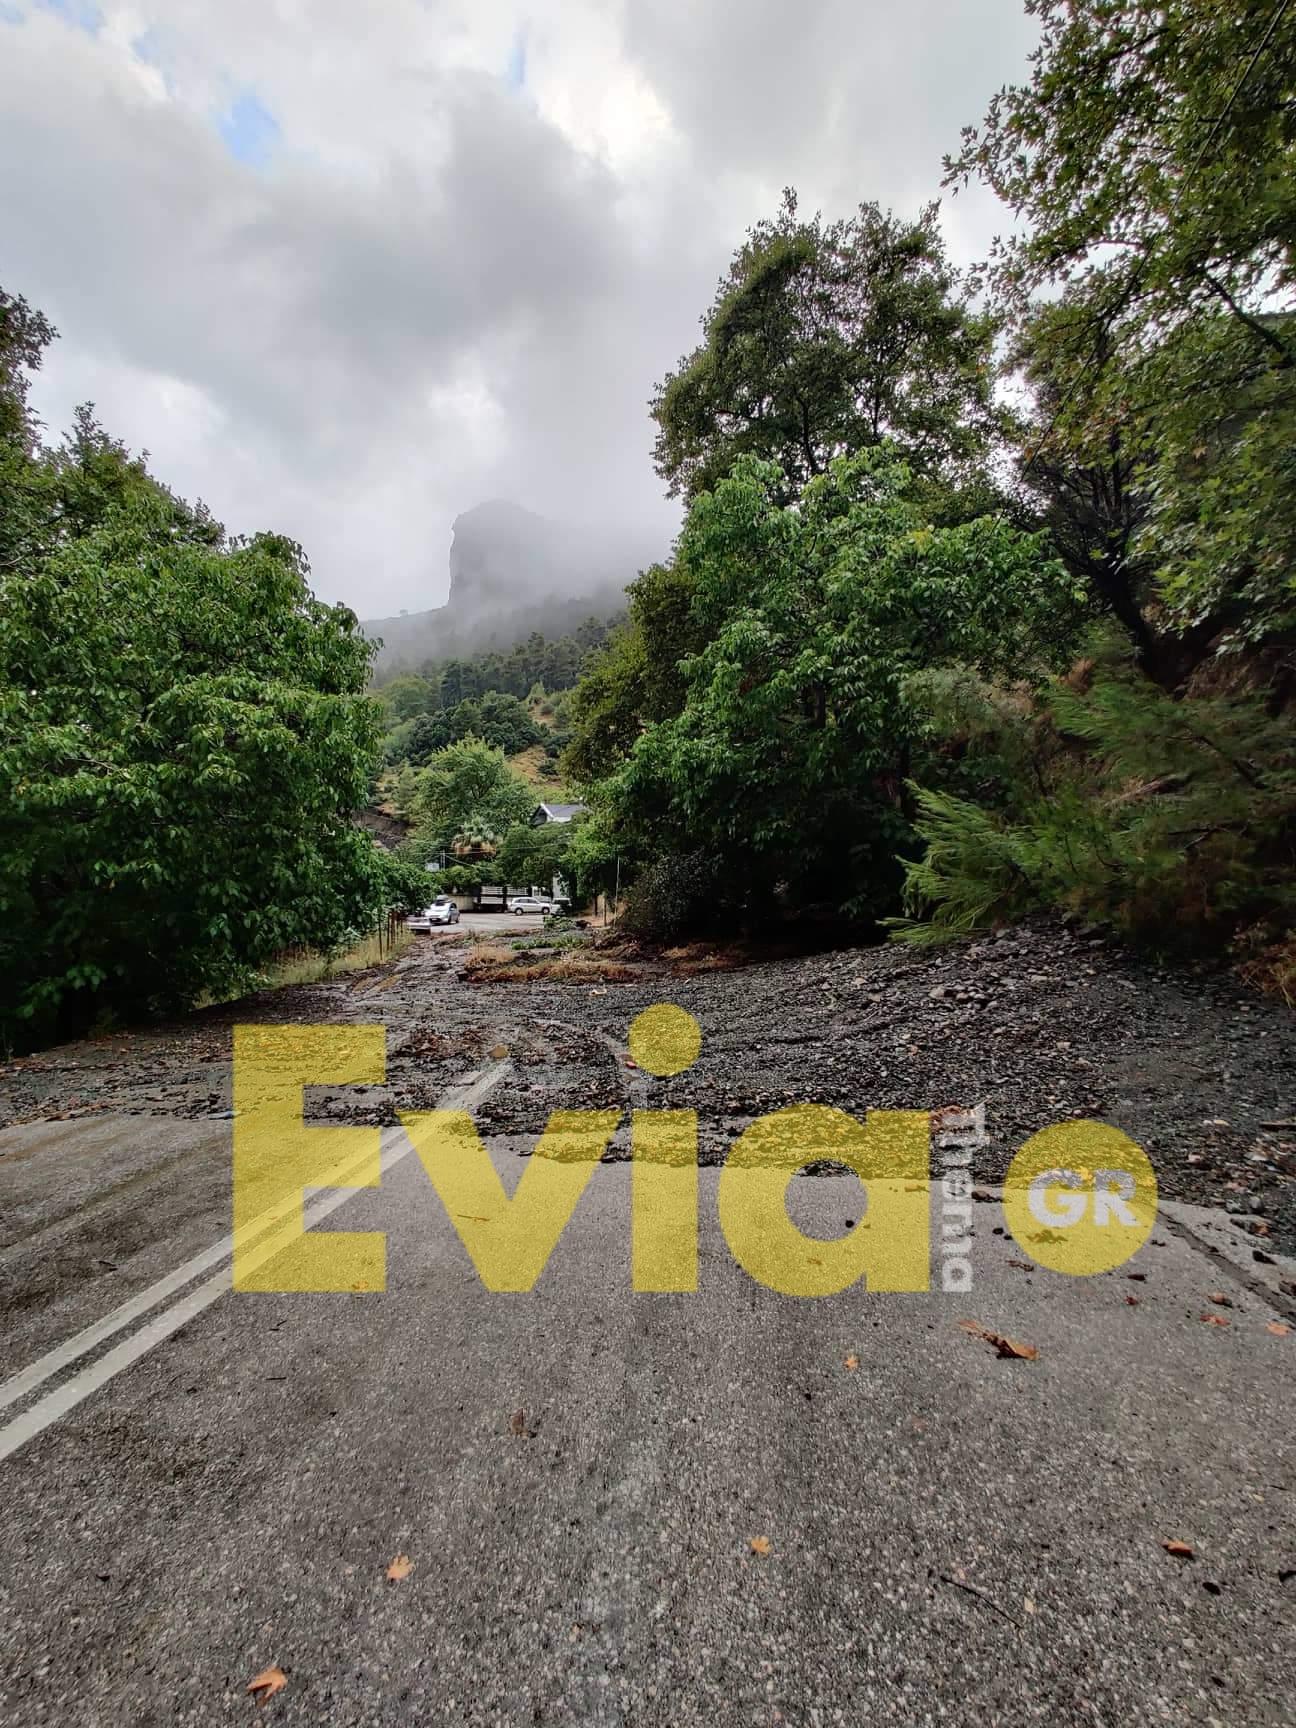 Δράμα χωρίς τέλος στην Εύβοια: Επτά νεκροί και ένας αγνοούμενος, Δράμα χωρίς τέλος στην Εύβοια: Επτά νεκροί και ένας αγνοούμενος, Eviathema.gr | Εύβοια Τοπ Νέα Ειδήσεις